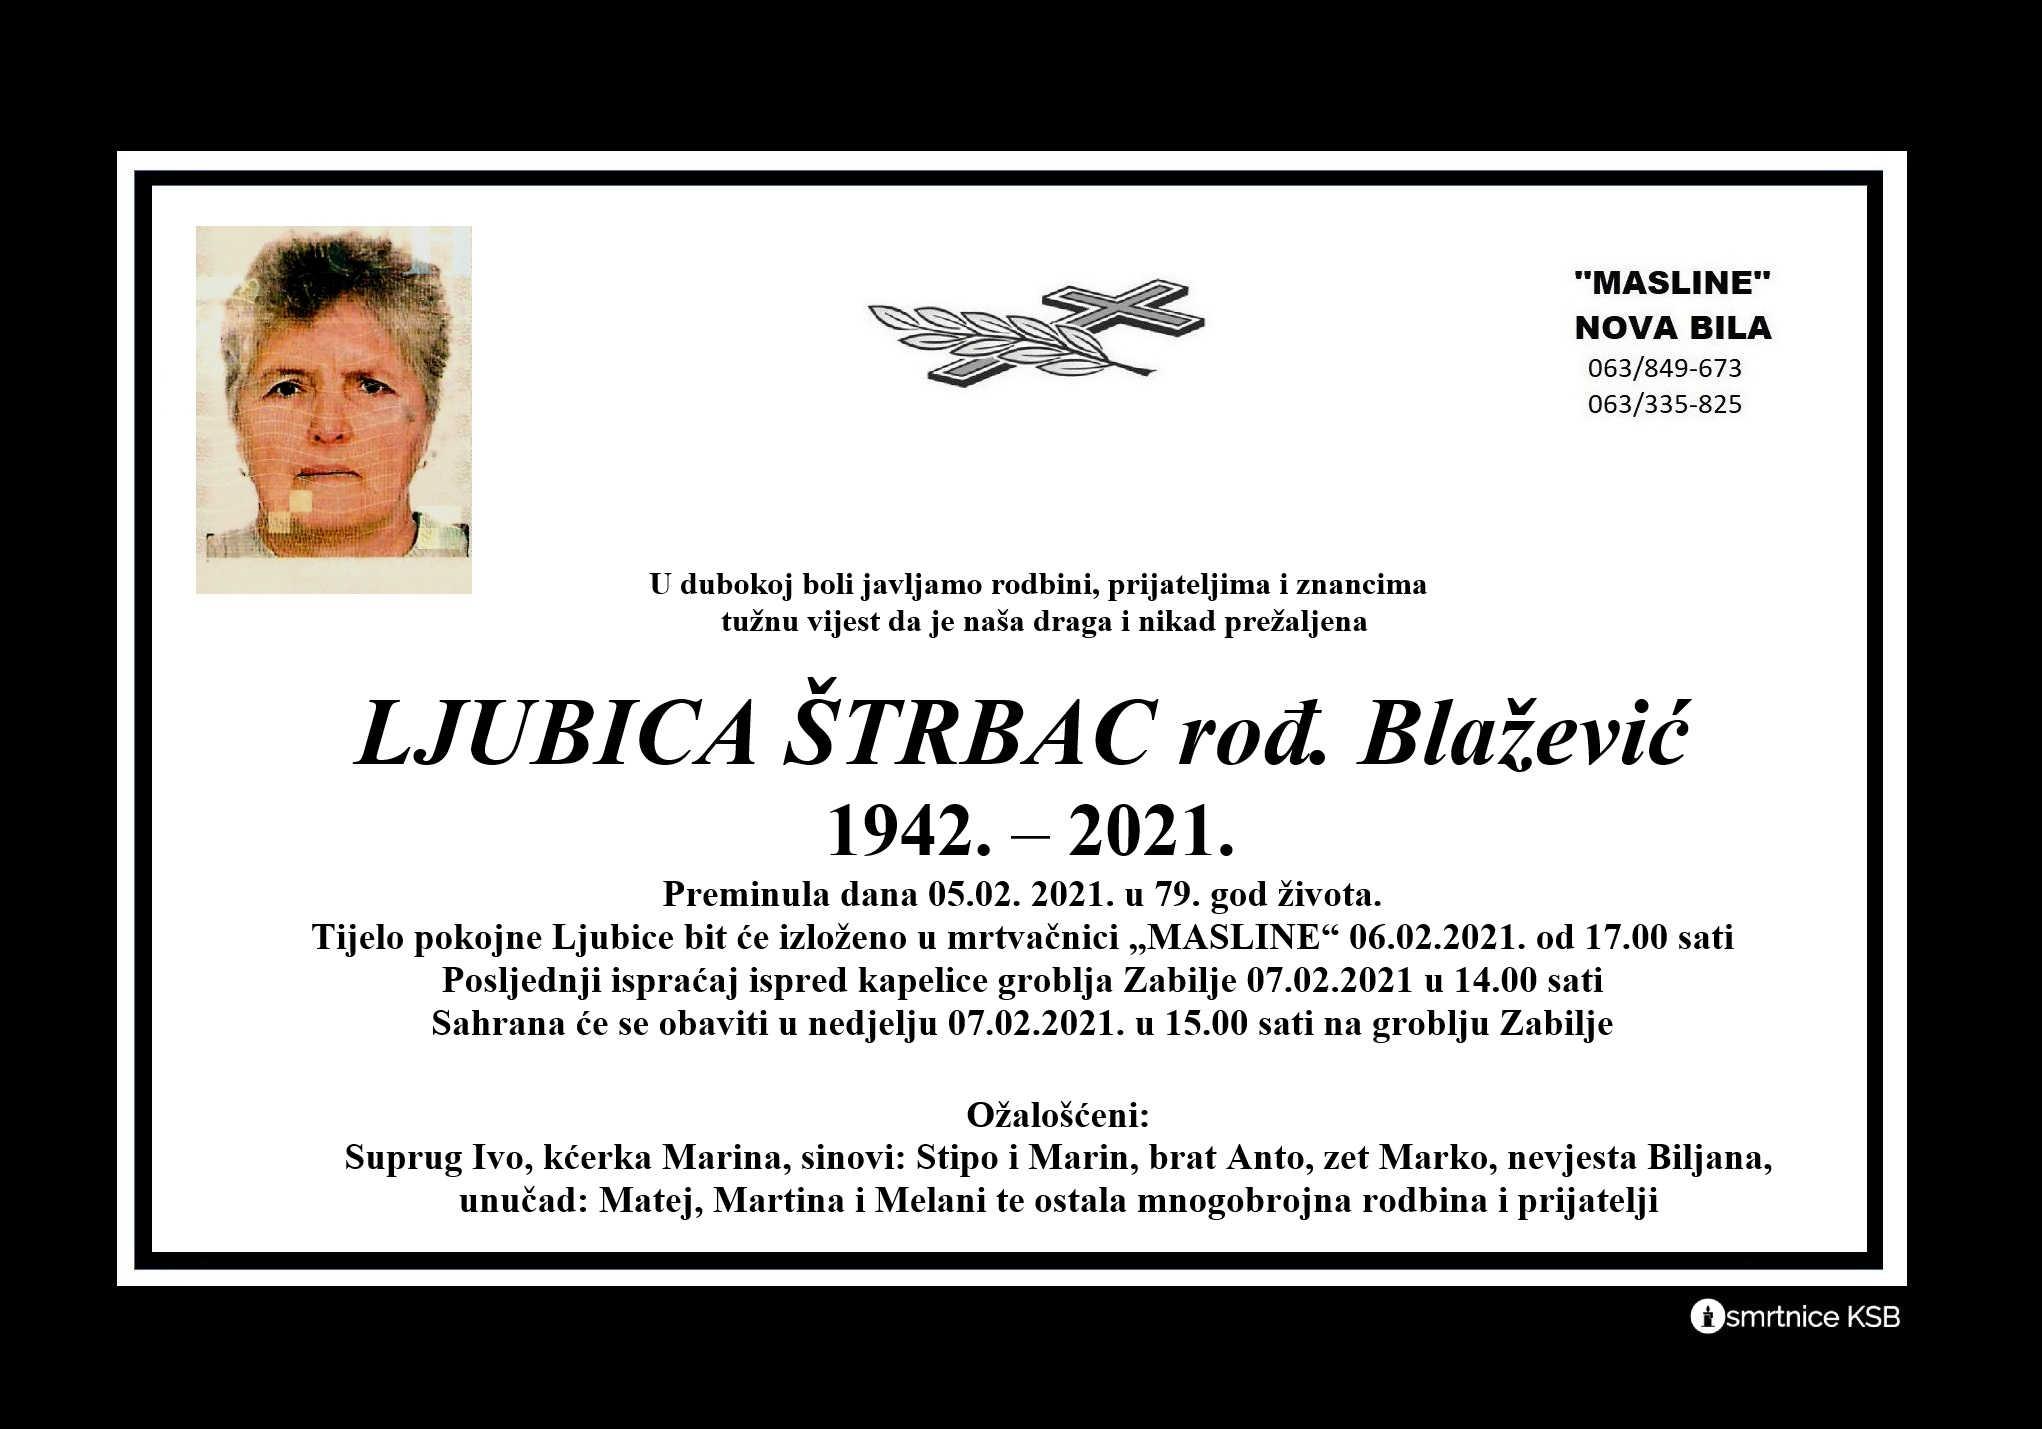 Ljubica Štrbac rođ. Blažević